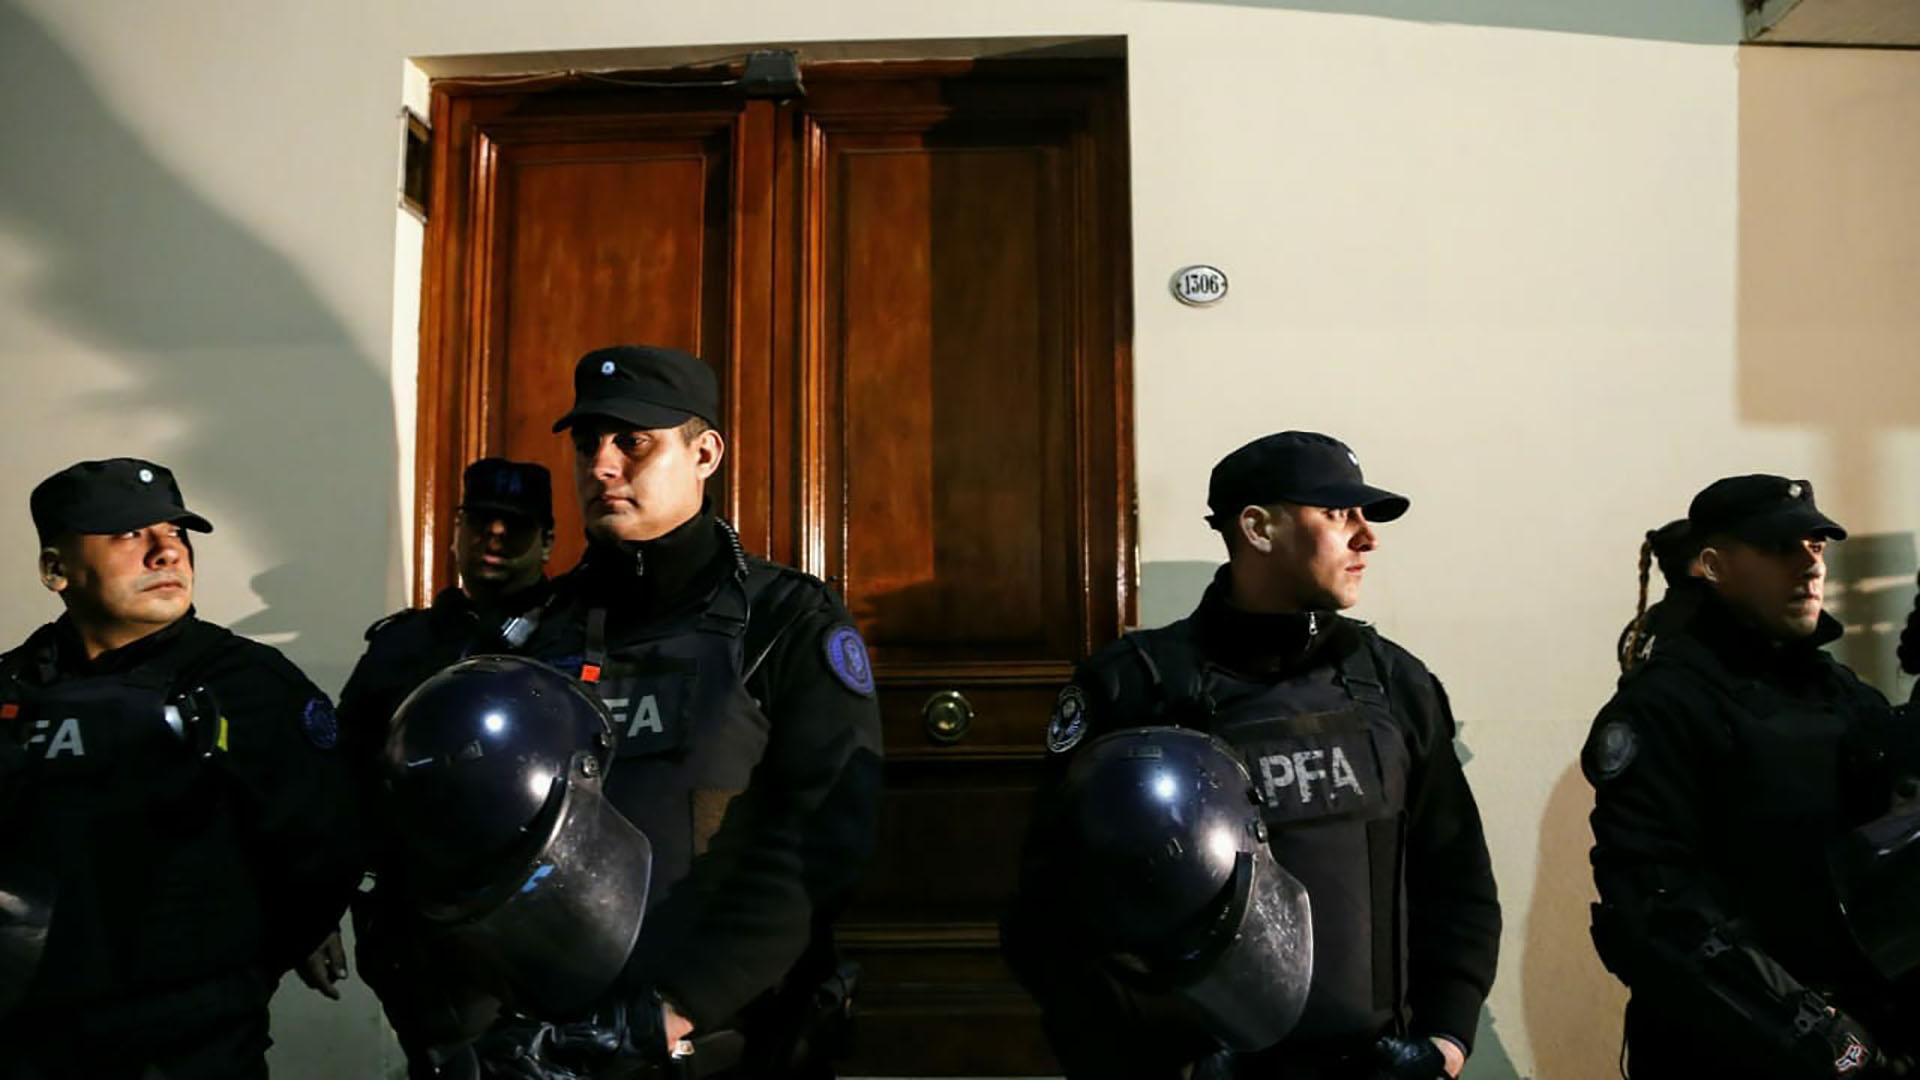 Los efectivos policiales custodiaron la puerta de ingreso al edificio